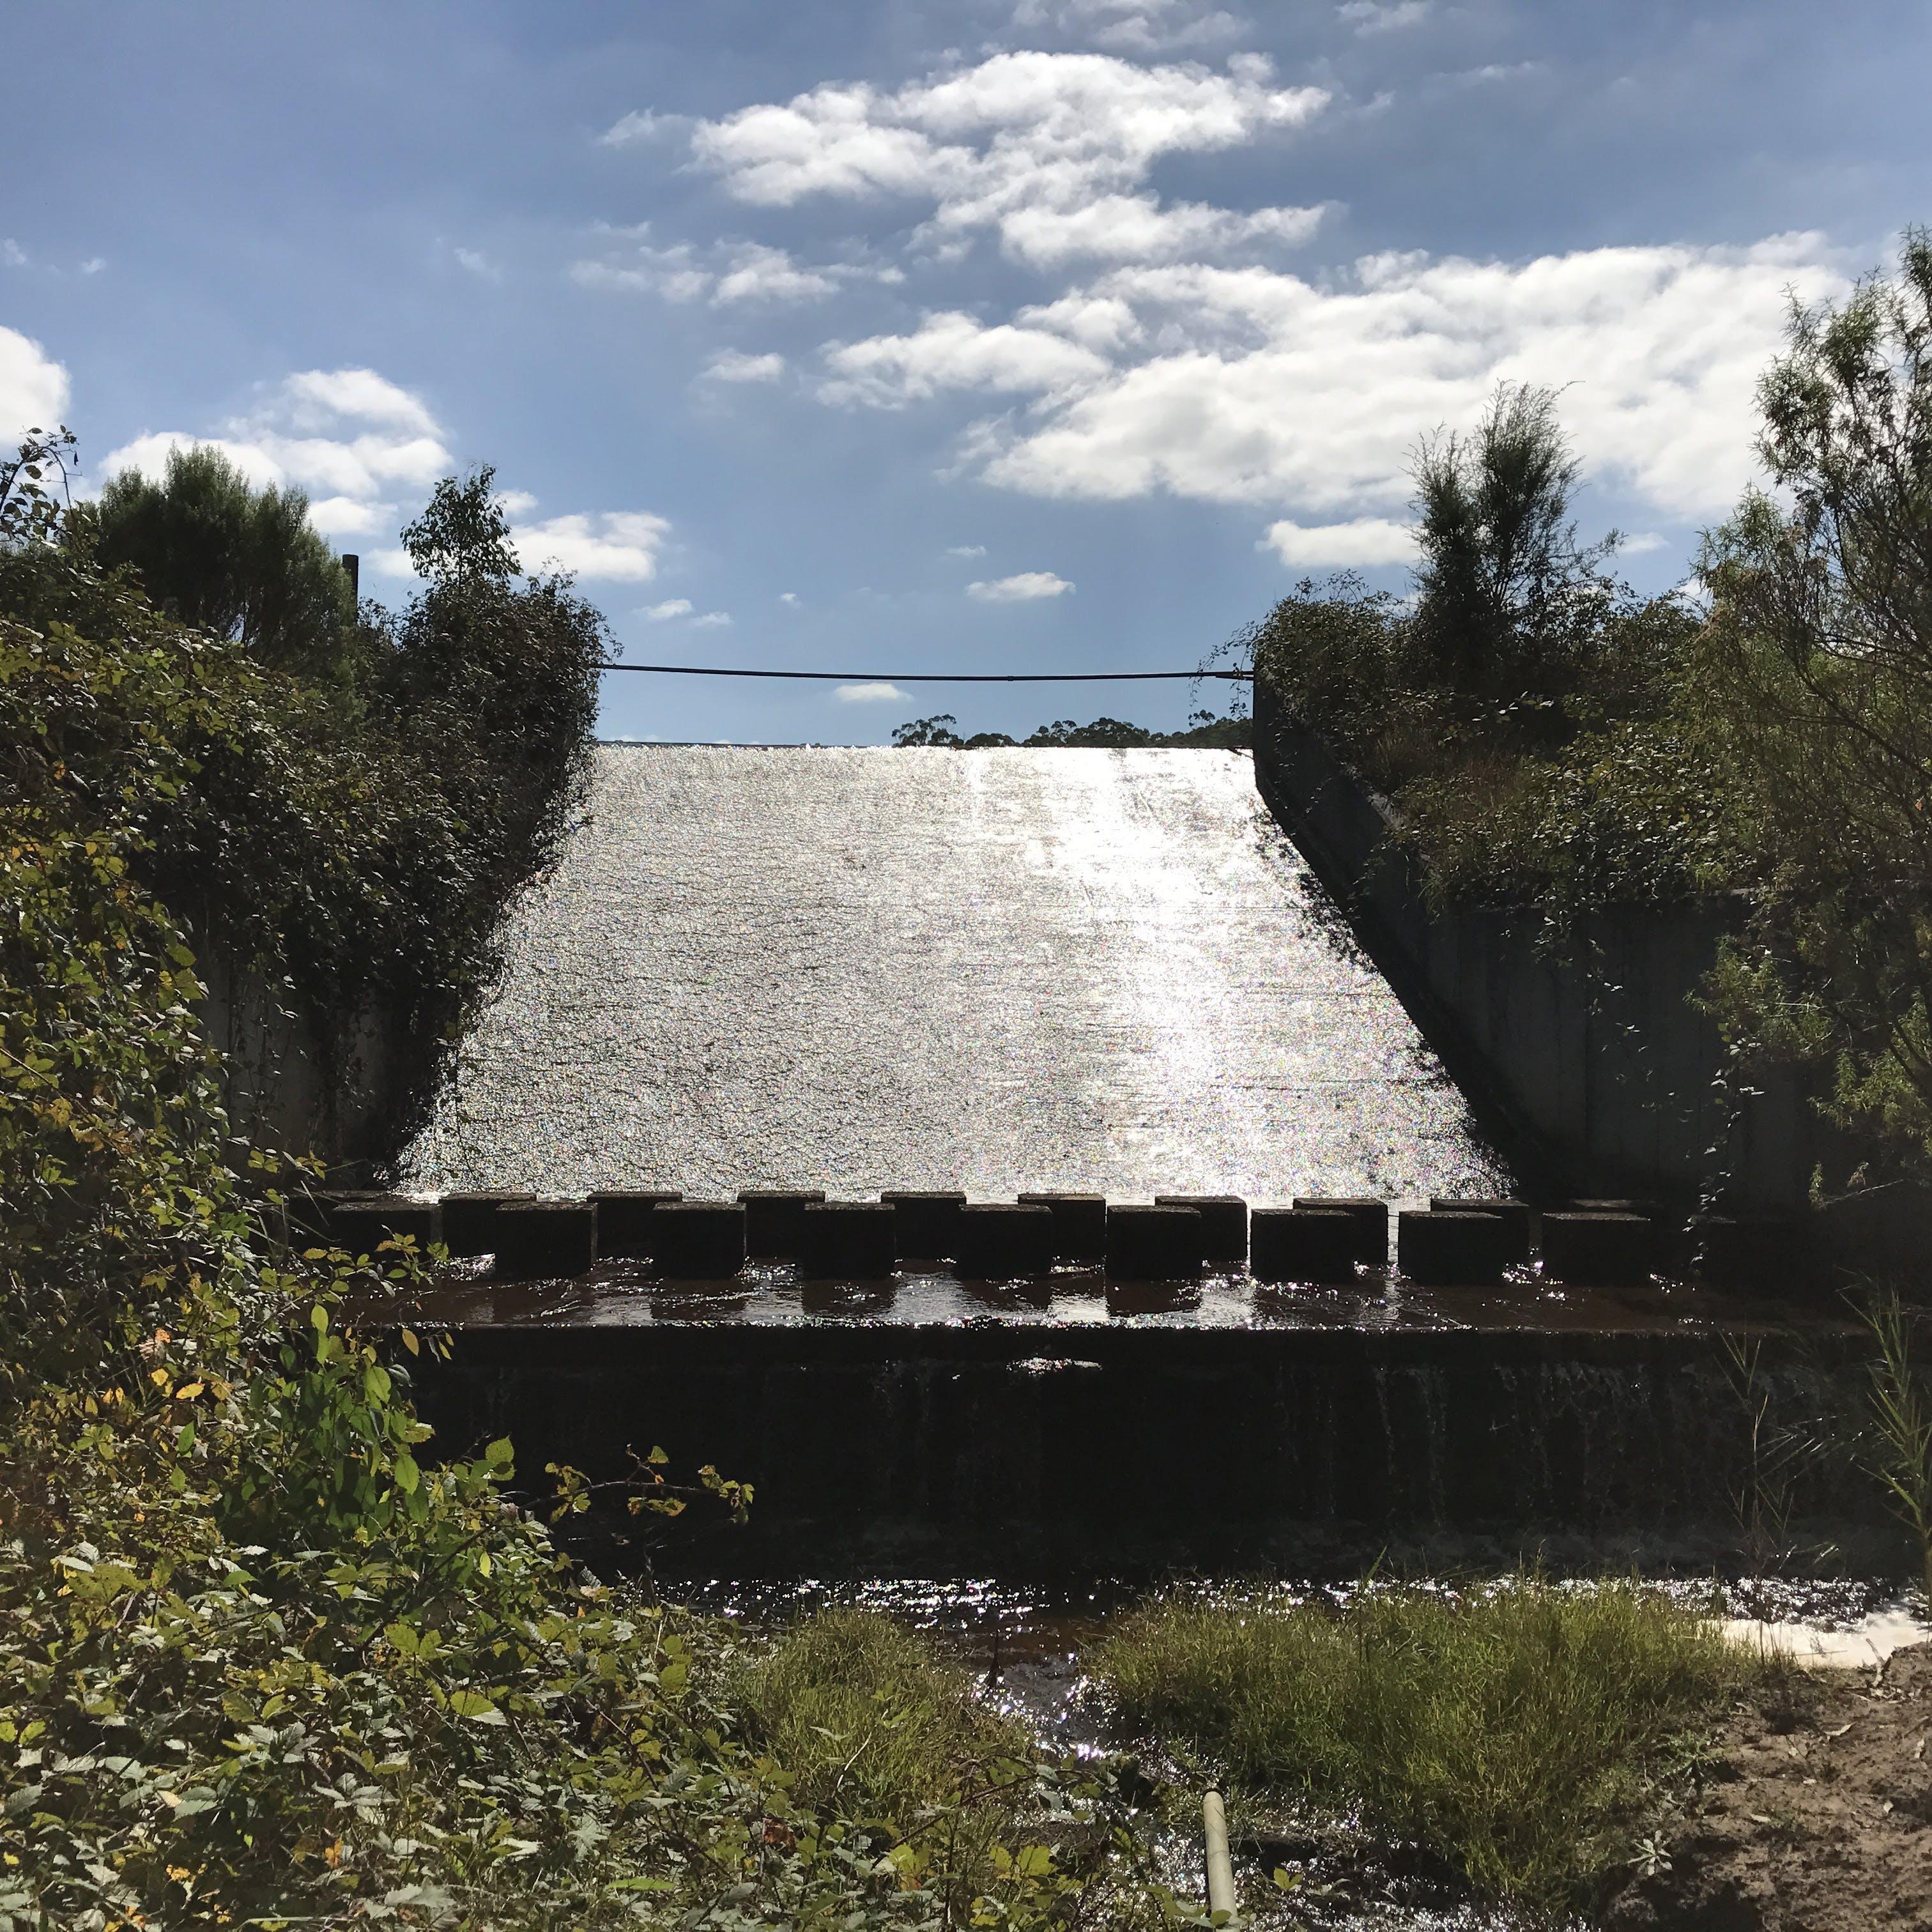 McDonalds dam spillway